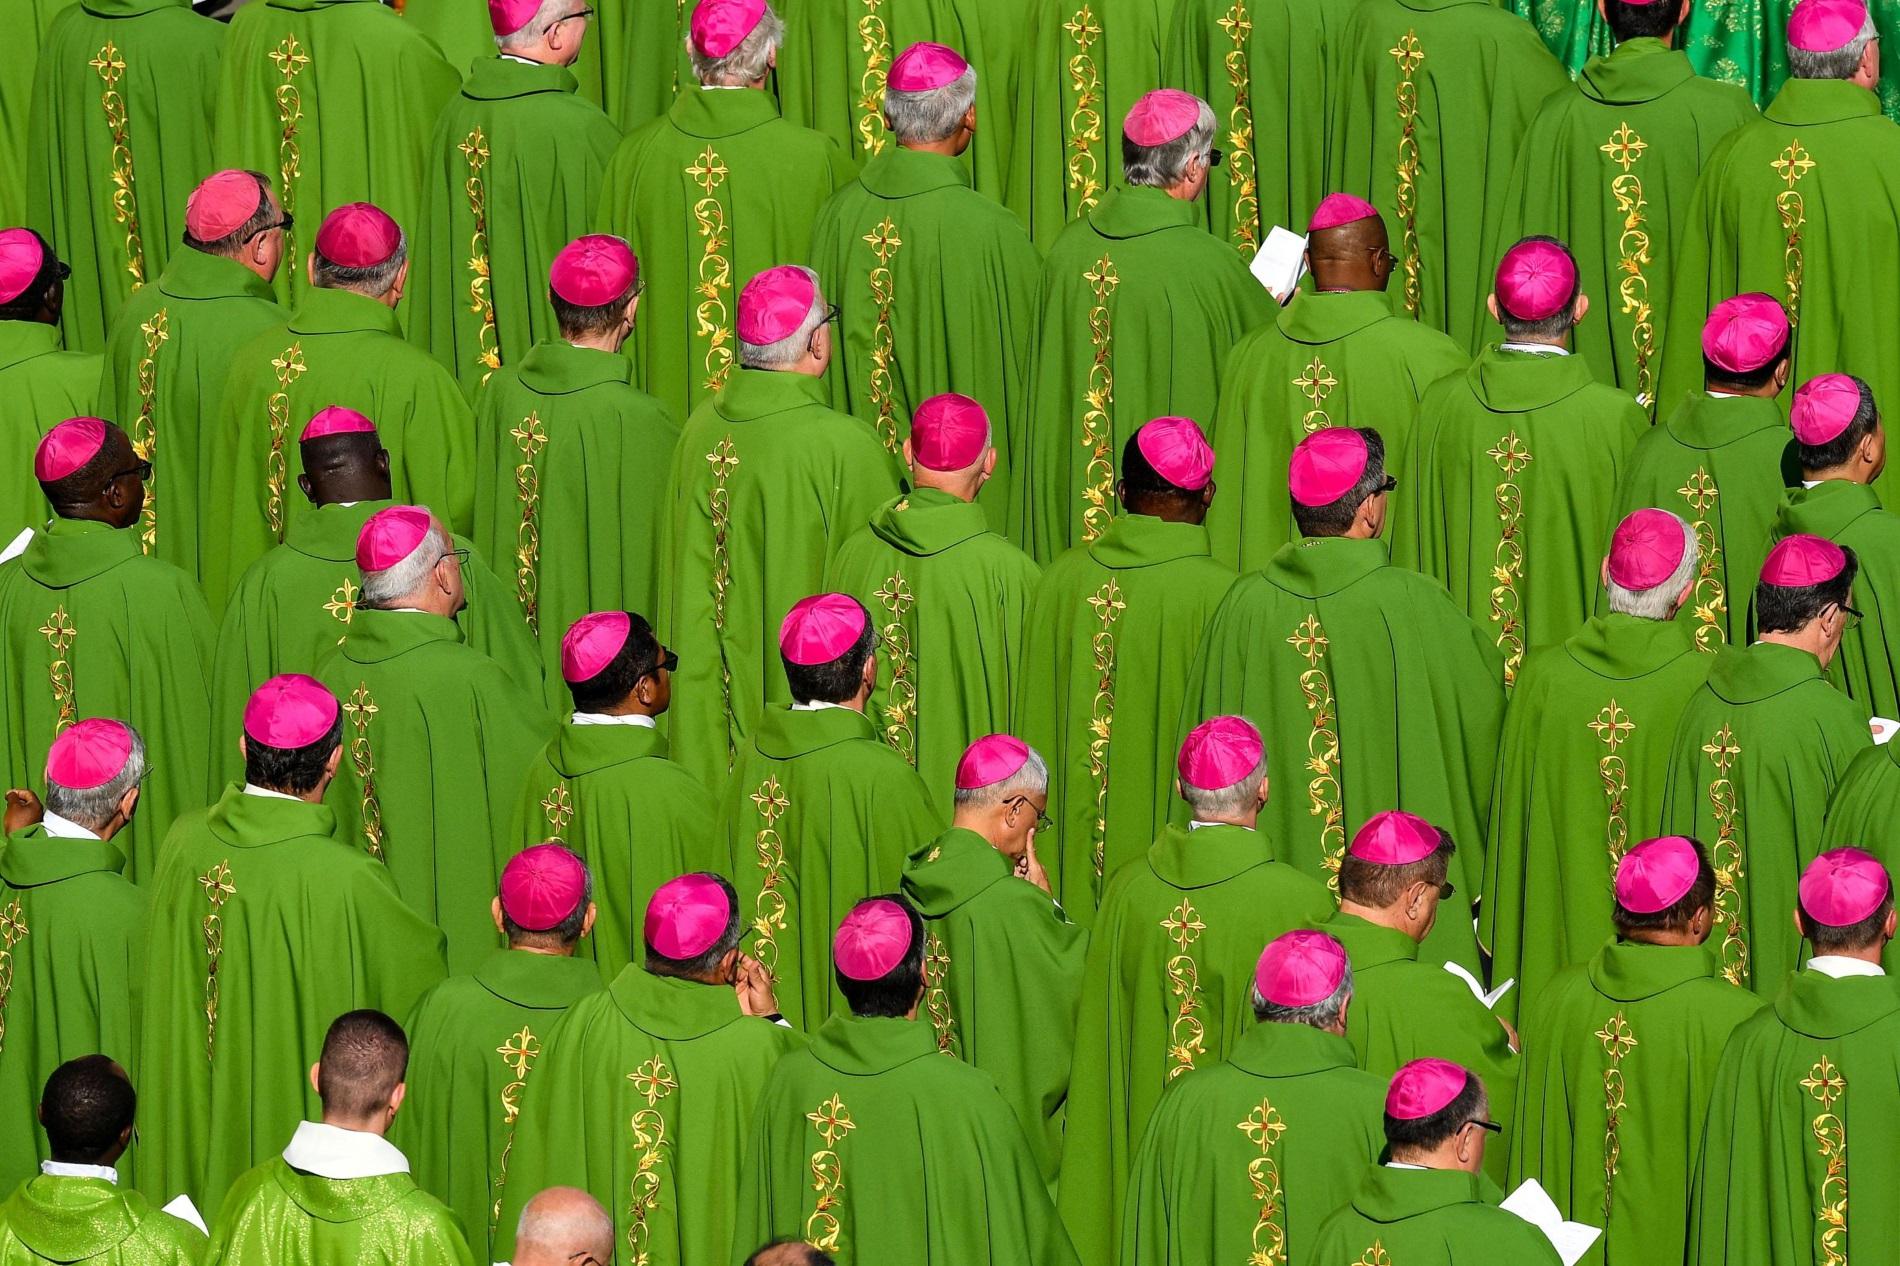 """Свещеници и епископипо време на Света литургия на площад """"СВети Петър"""" във Втикана, октомври 2018"""